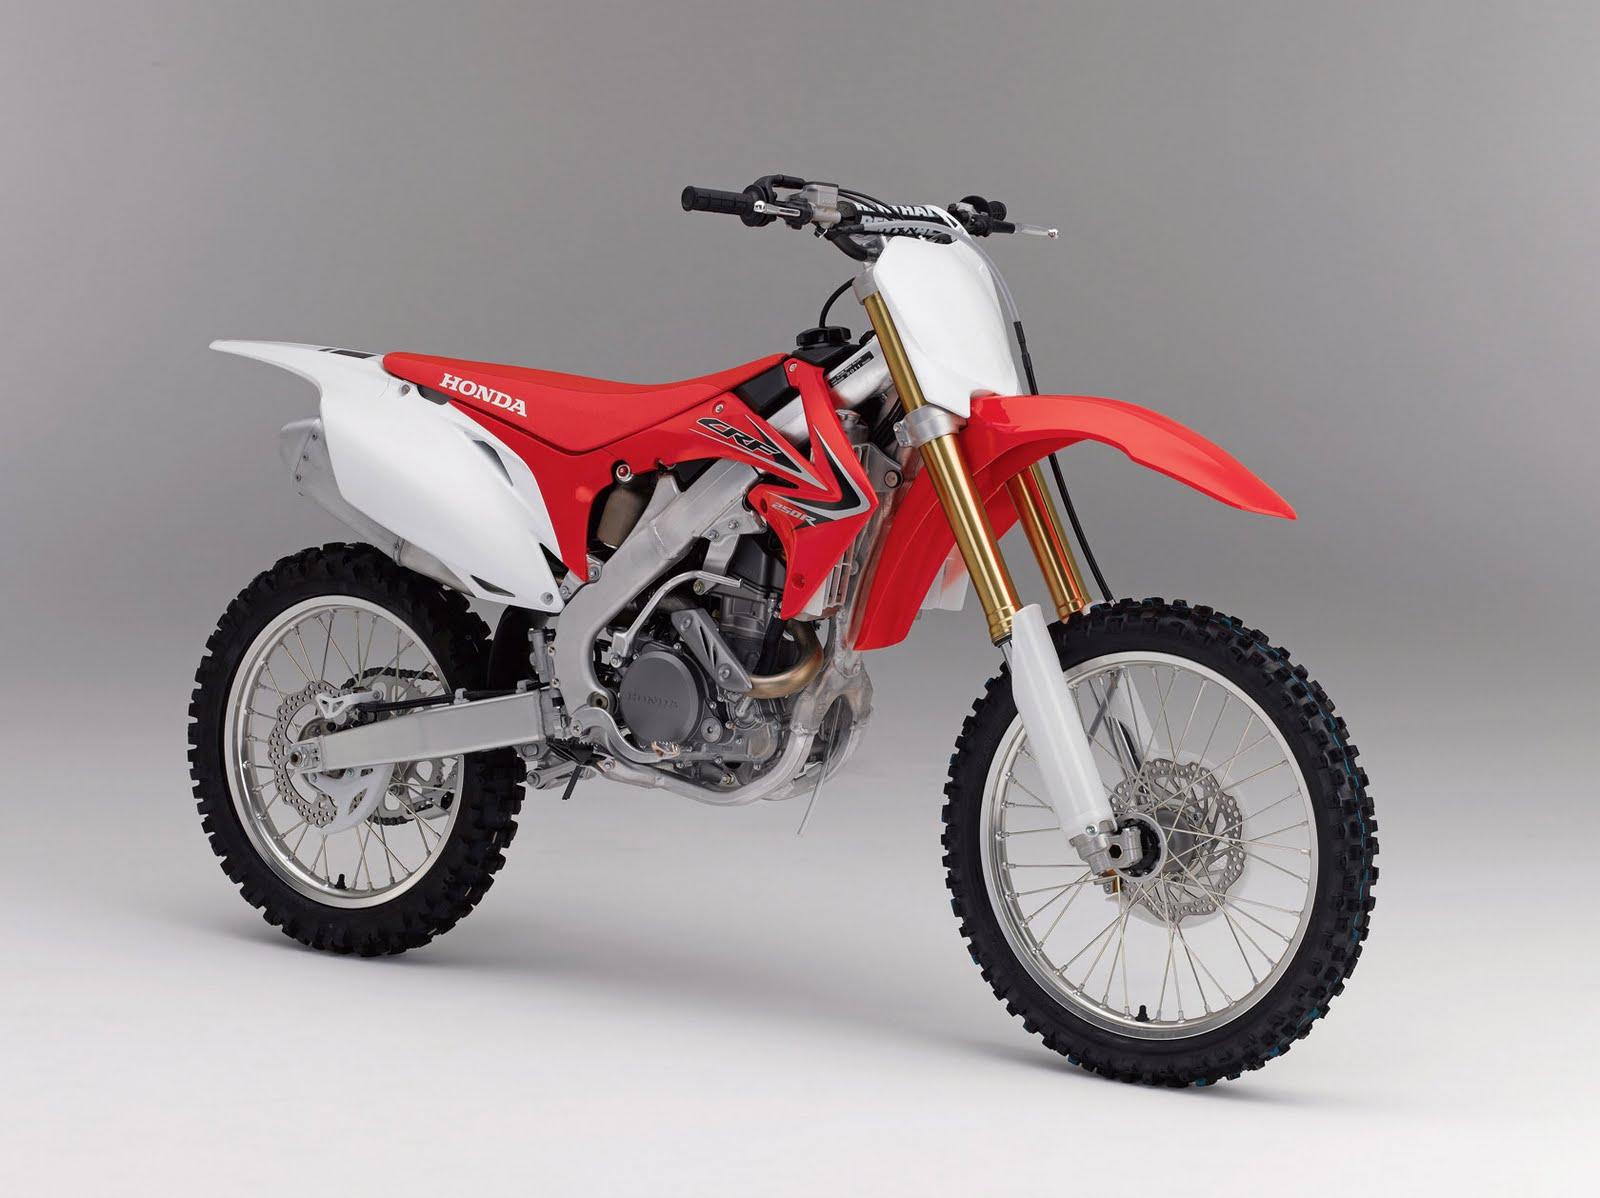 2012 Honda CRF 150 F